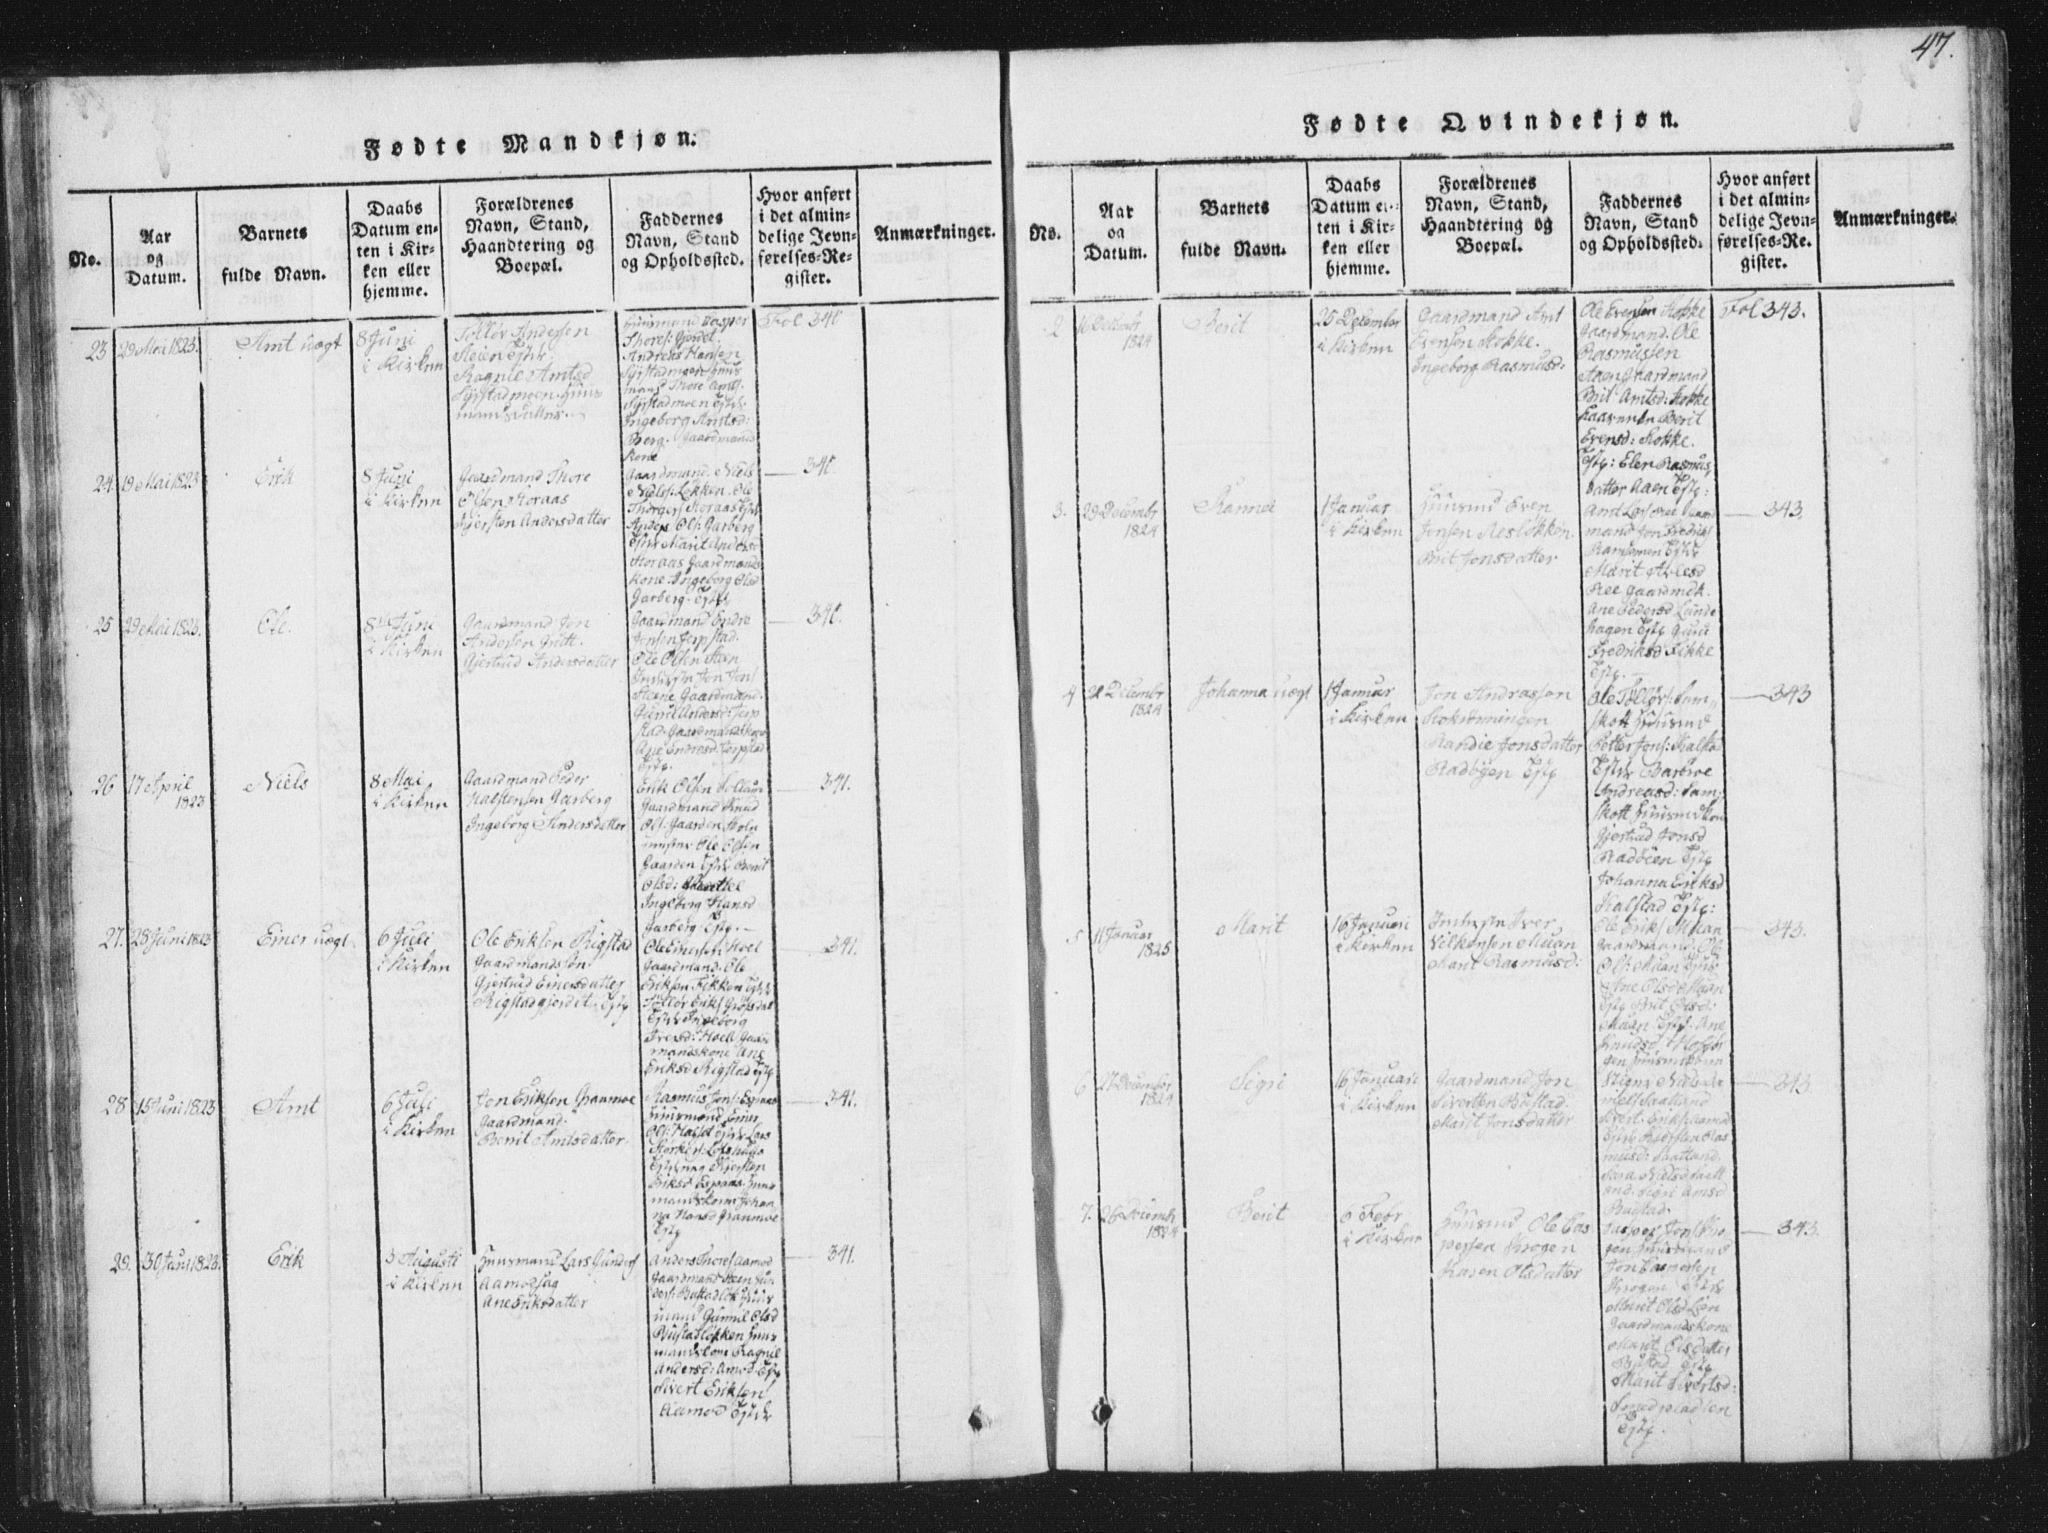 SAT, Ministerialprotokoller, klokkerbøker og fødselsregistre - Sør-Trøndelag, 672/L0862: Klokkerbok nr. 672C01, 1816-1831, s. 47